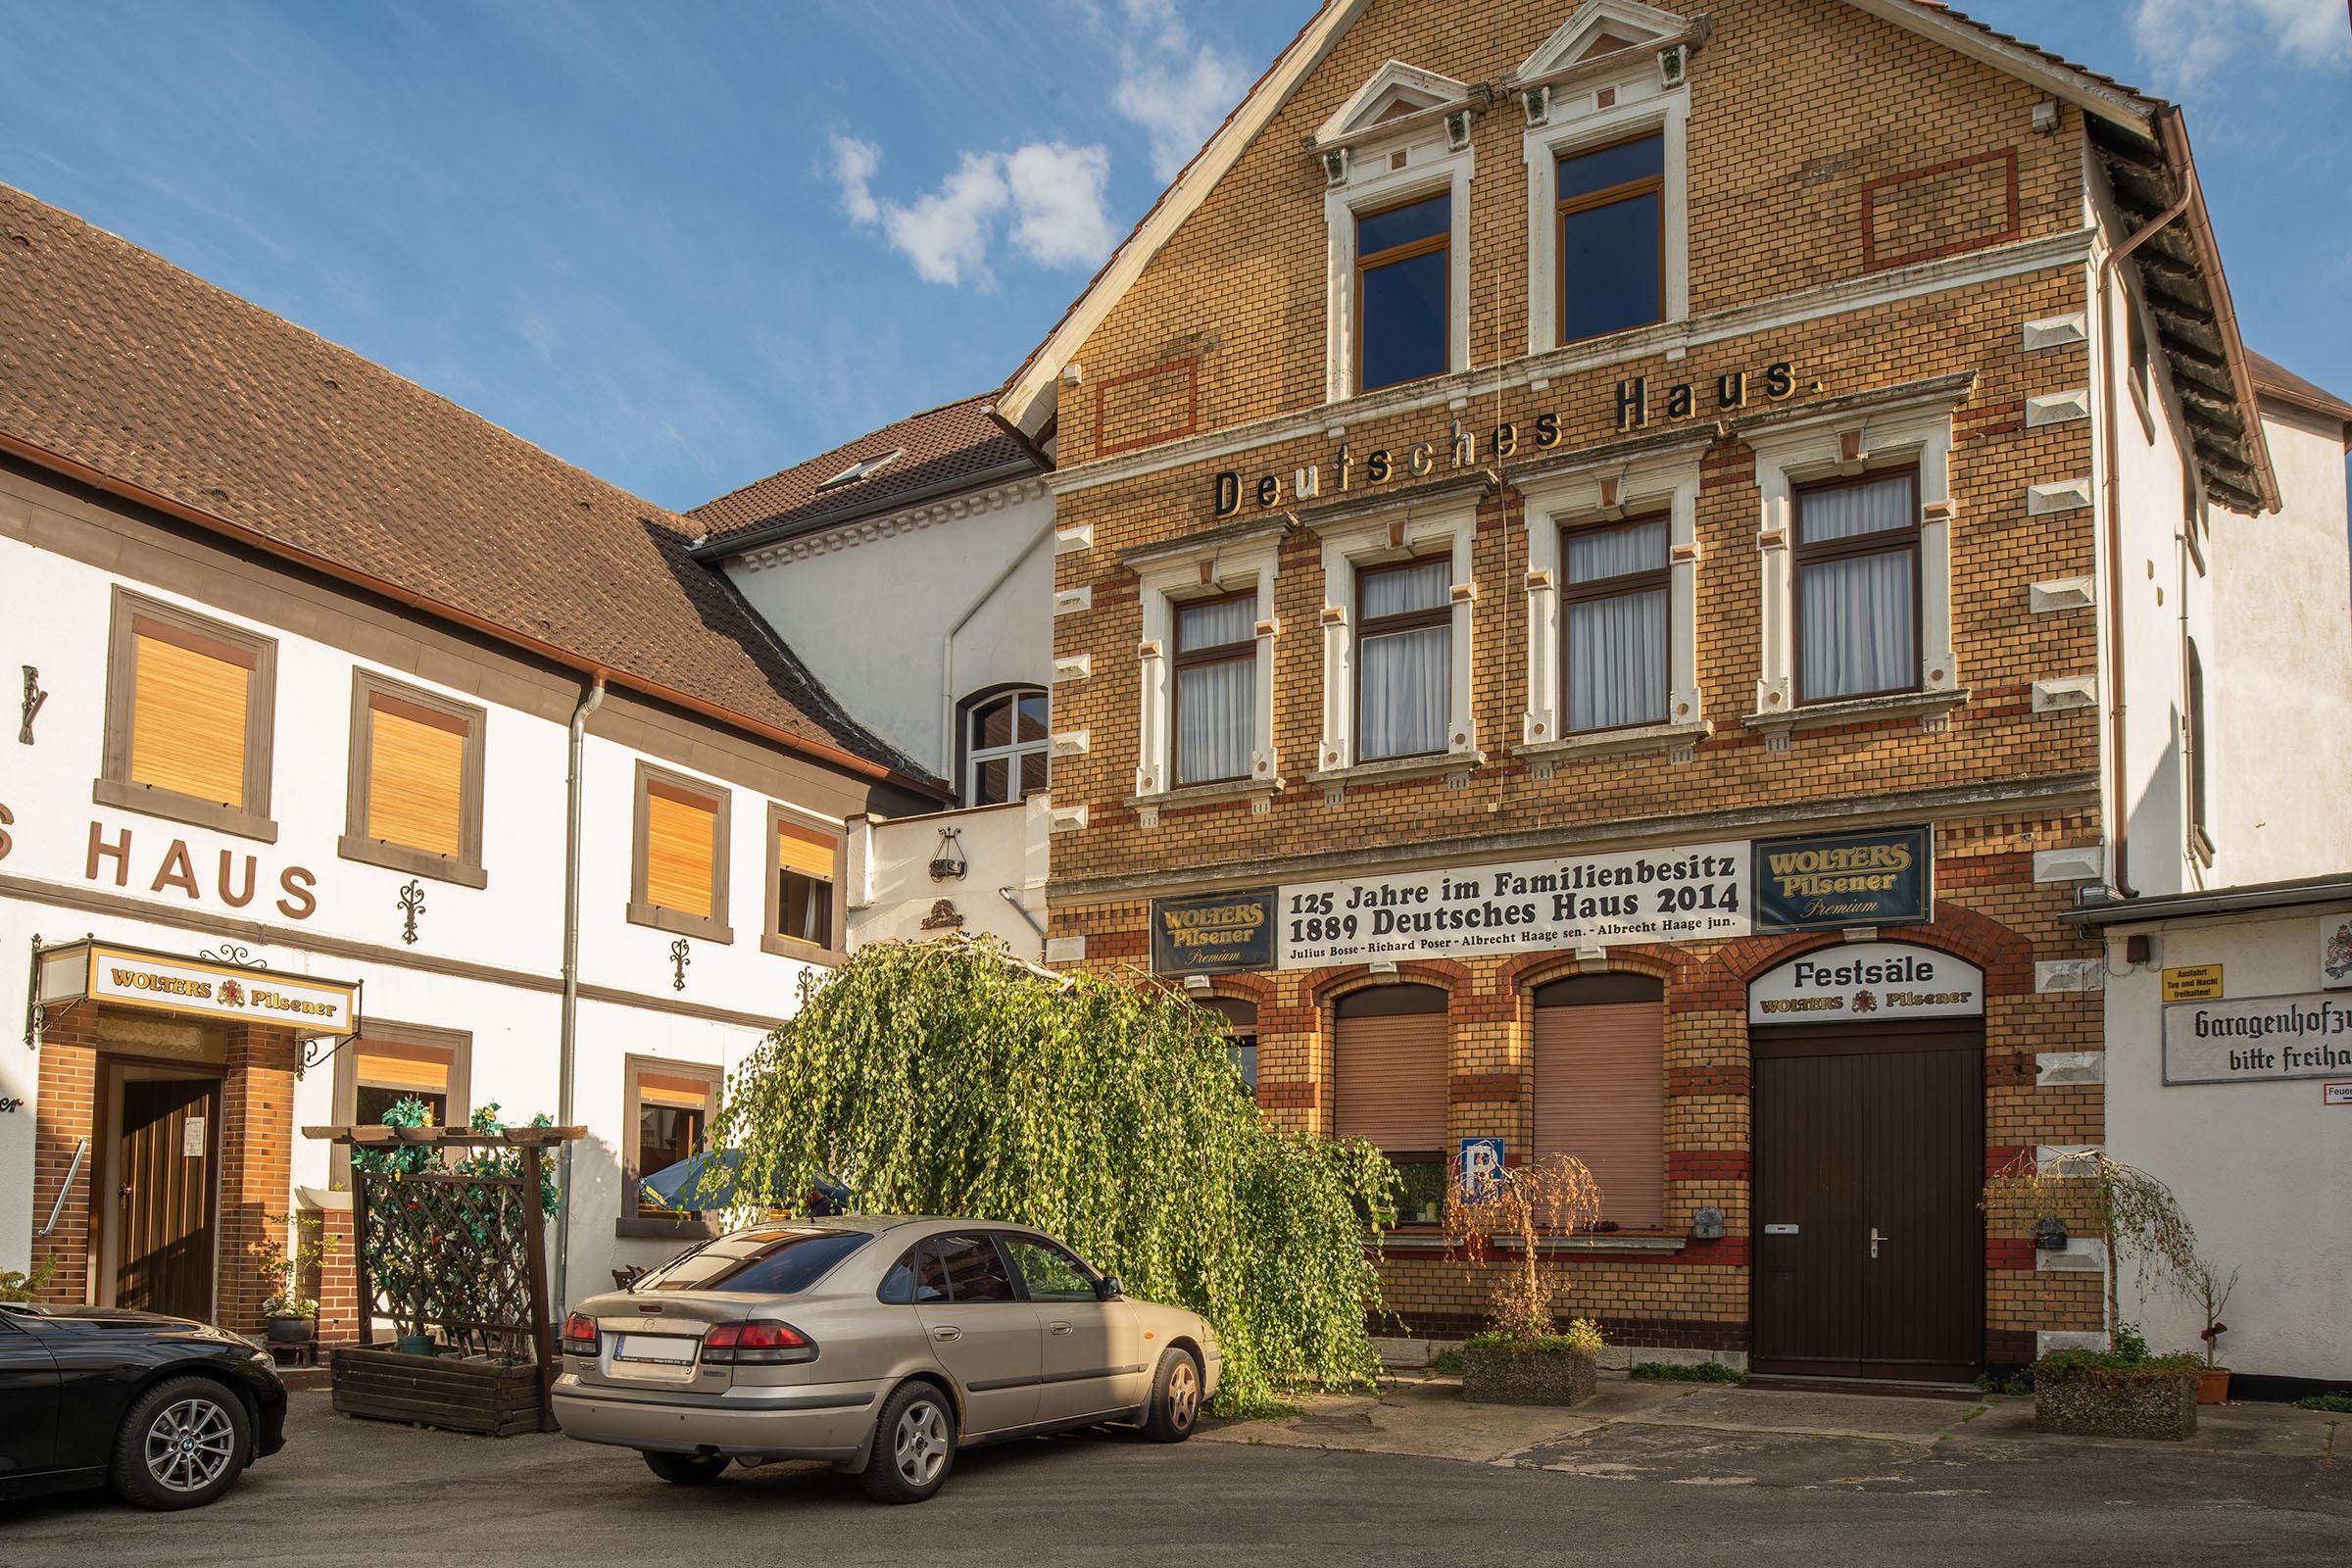 Deutsches Haus, Hotel in Schöningen im Landkreis Helmstedt.